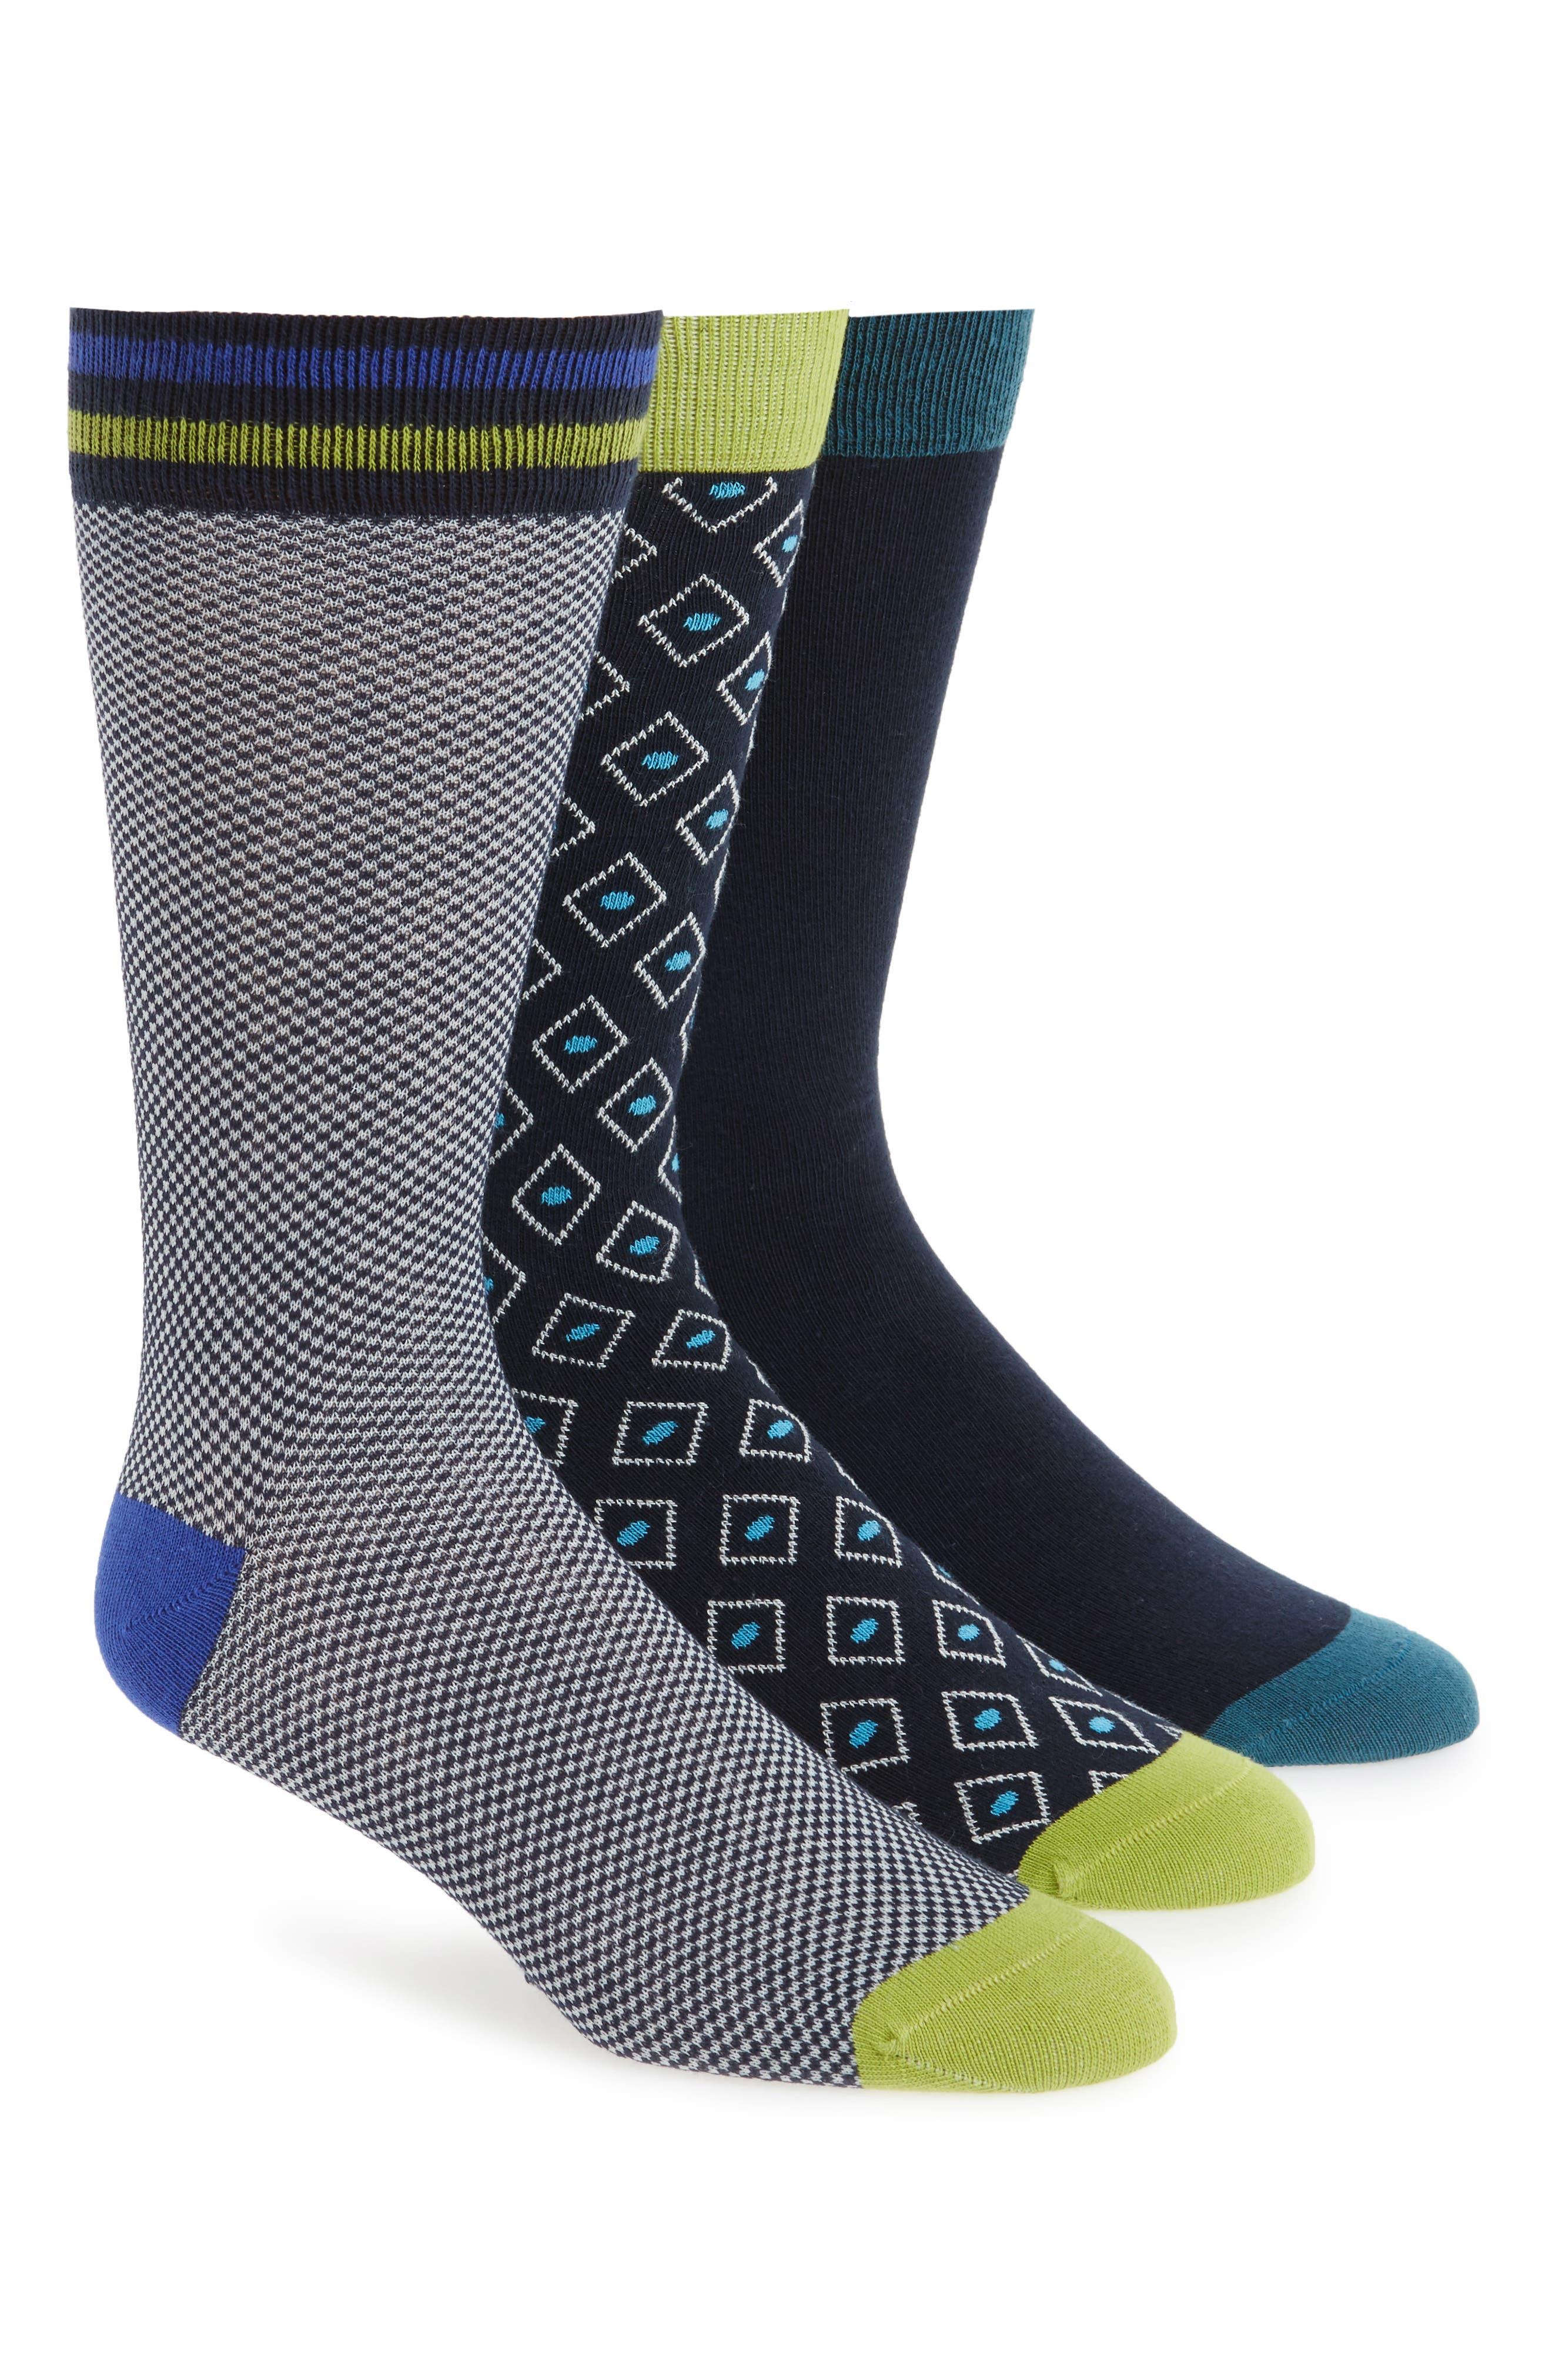 Alternate Image 1 Selected - Ted Baker London 3-Pack Socks